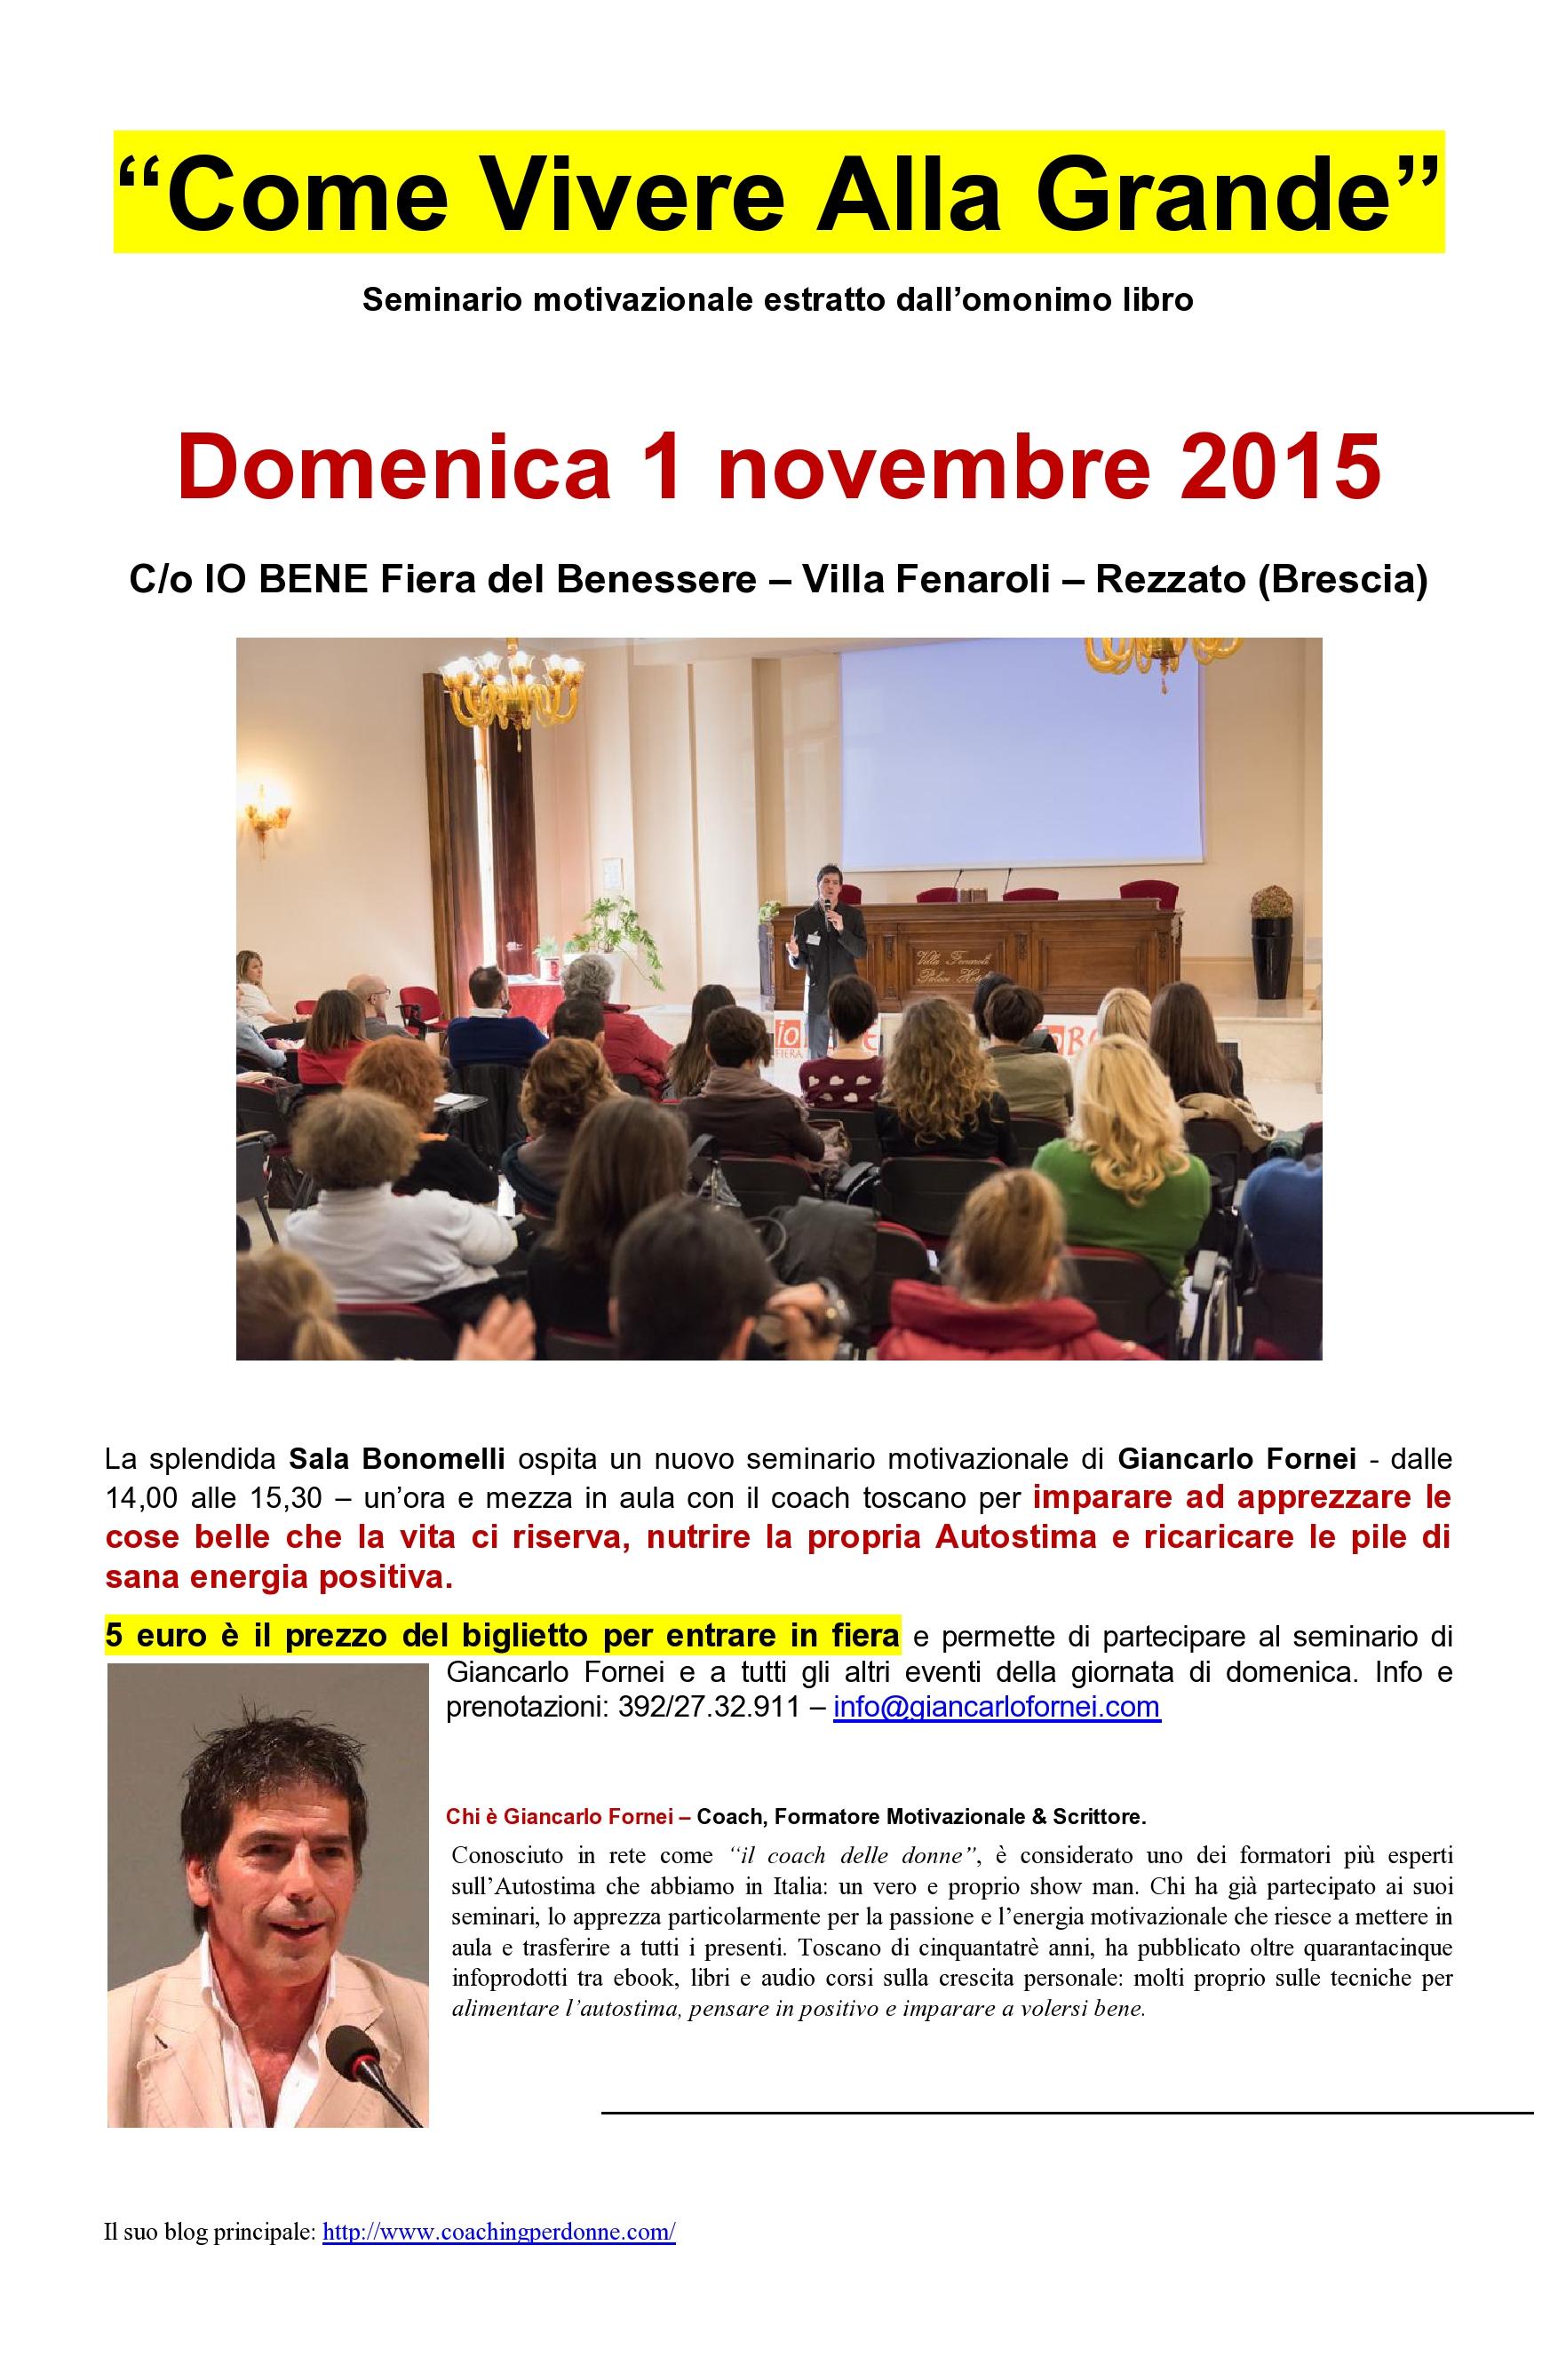 Locandina seminario Giancarlo Fornei Io Bene (Rezzato - Brescia) 1 novembre 2015